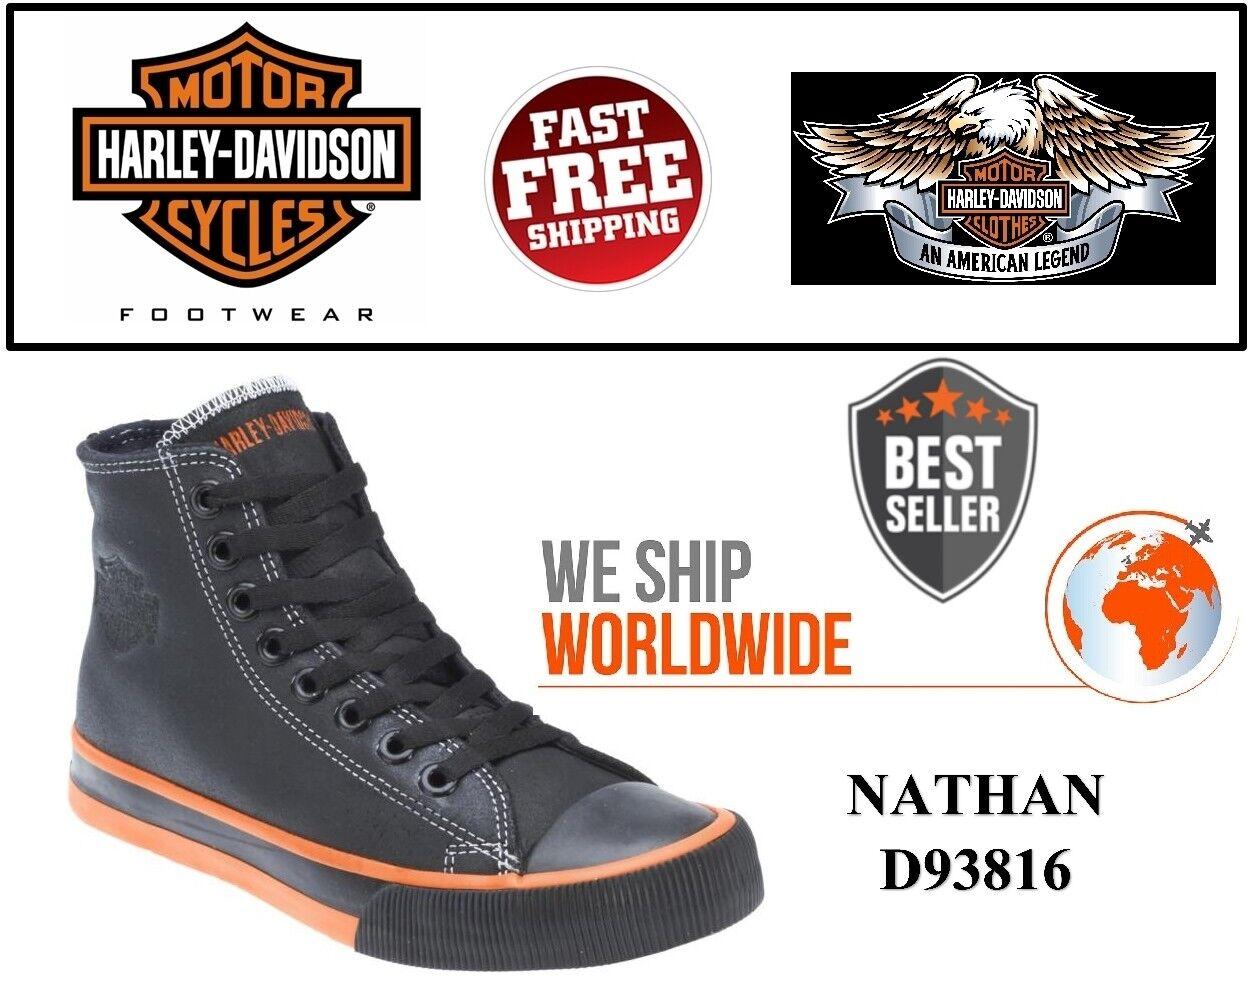 Harley-Davidson ® D93816 para hombre Nathan Negro Hi-Top zapatillas zapatos-Usa Company